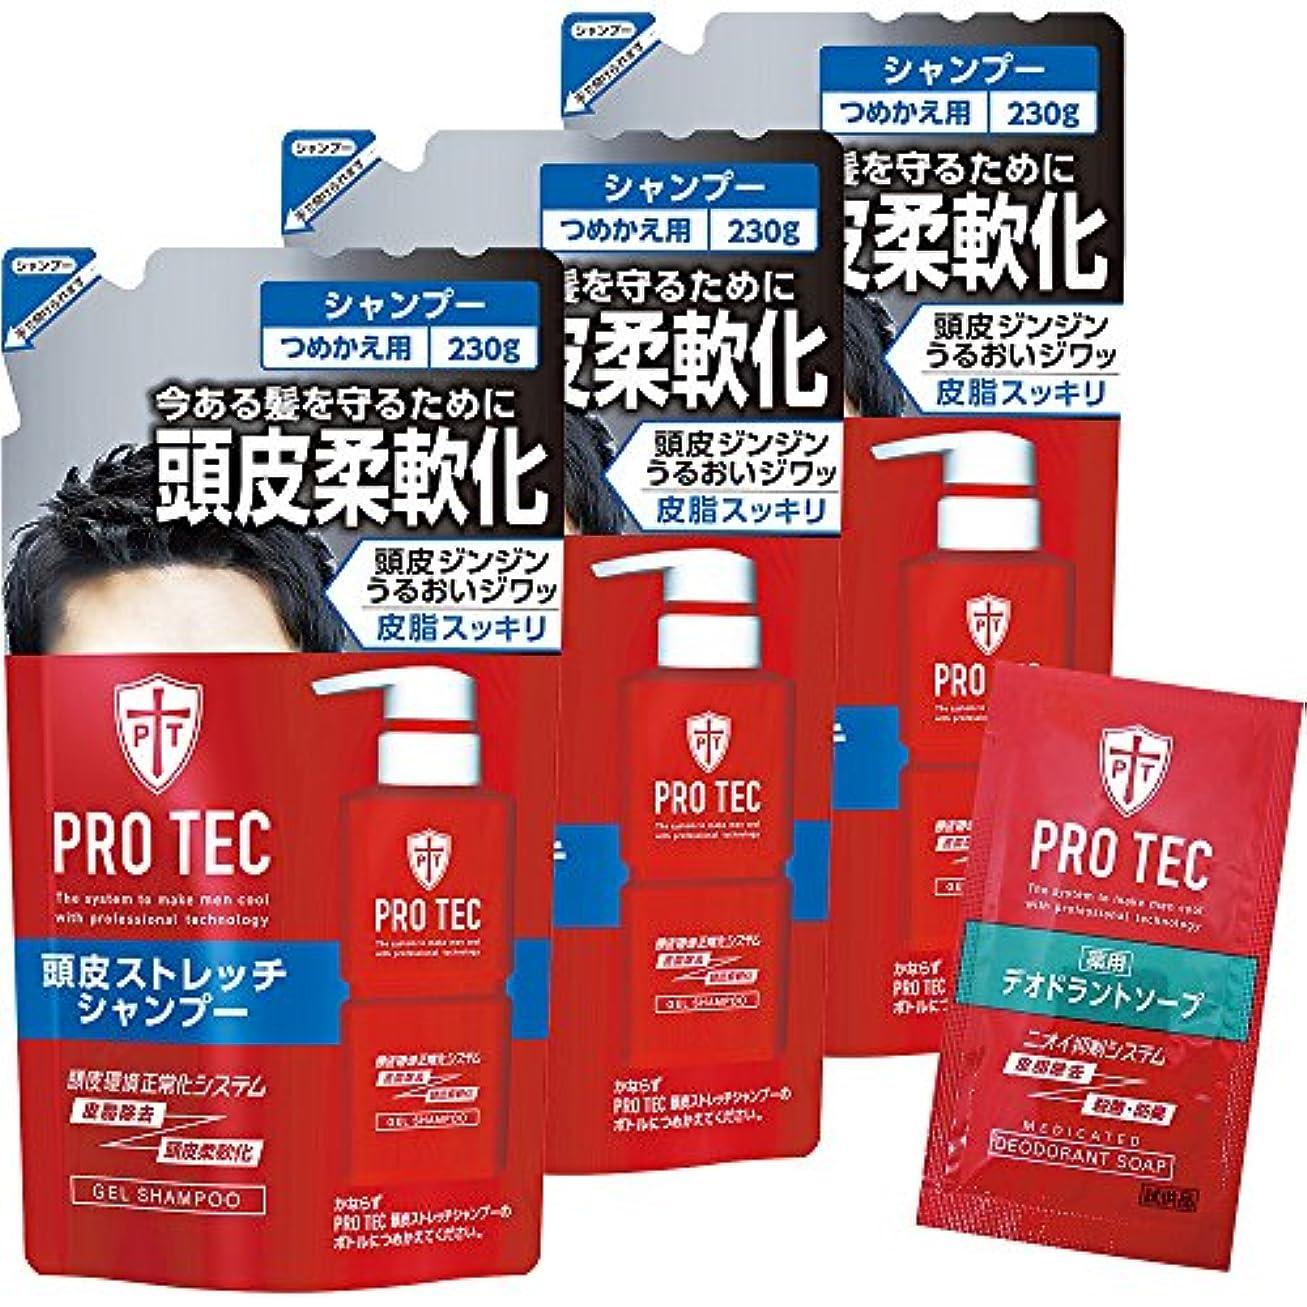 がんばり続けるペフ一過性【Amazon.co.jp限定】PRO TEC(プロテク) 頭皮ストレッチ シャンプー 詰め替え (医薬部外品) 230g×3個パック+デオドラントソープ1回分付